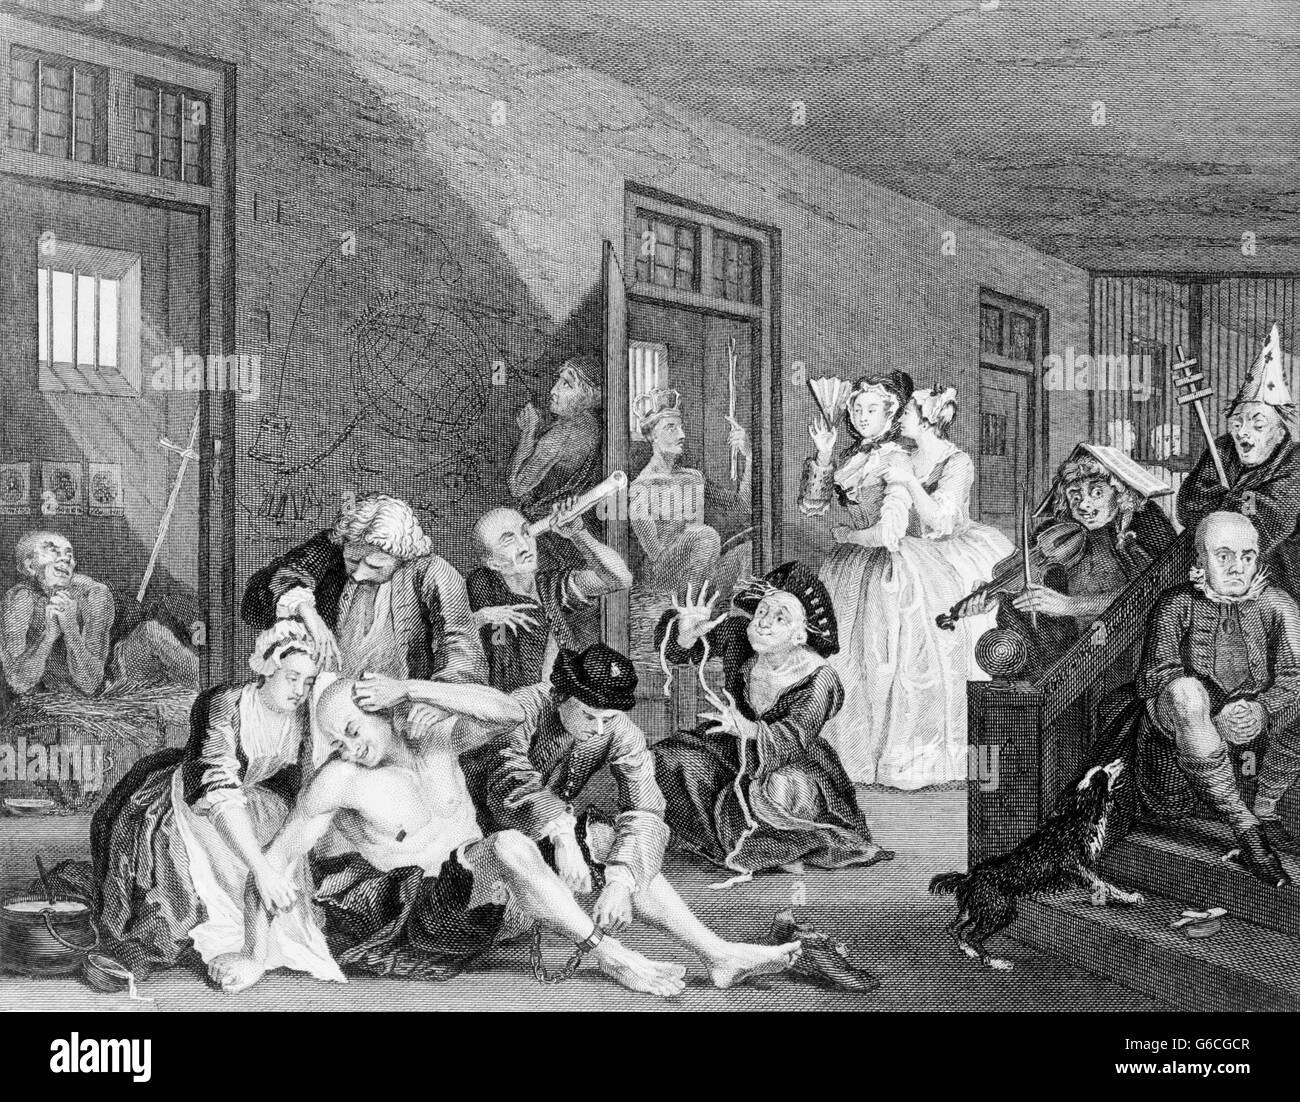 1730ER JAHRE IRRENHAUS 18. JAHRHUNDERT BEDLAM IRRENANSTALT AUS EINEM GEMÄLDE VON WILLIAM HOGARTH CA. 1735 Stockbild